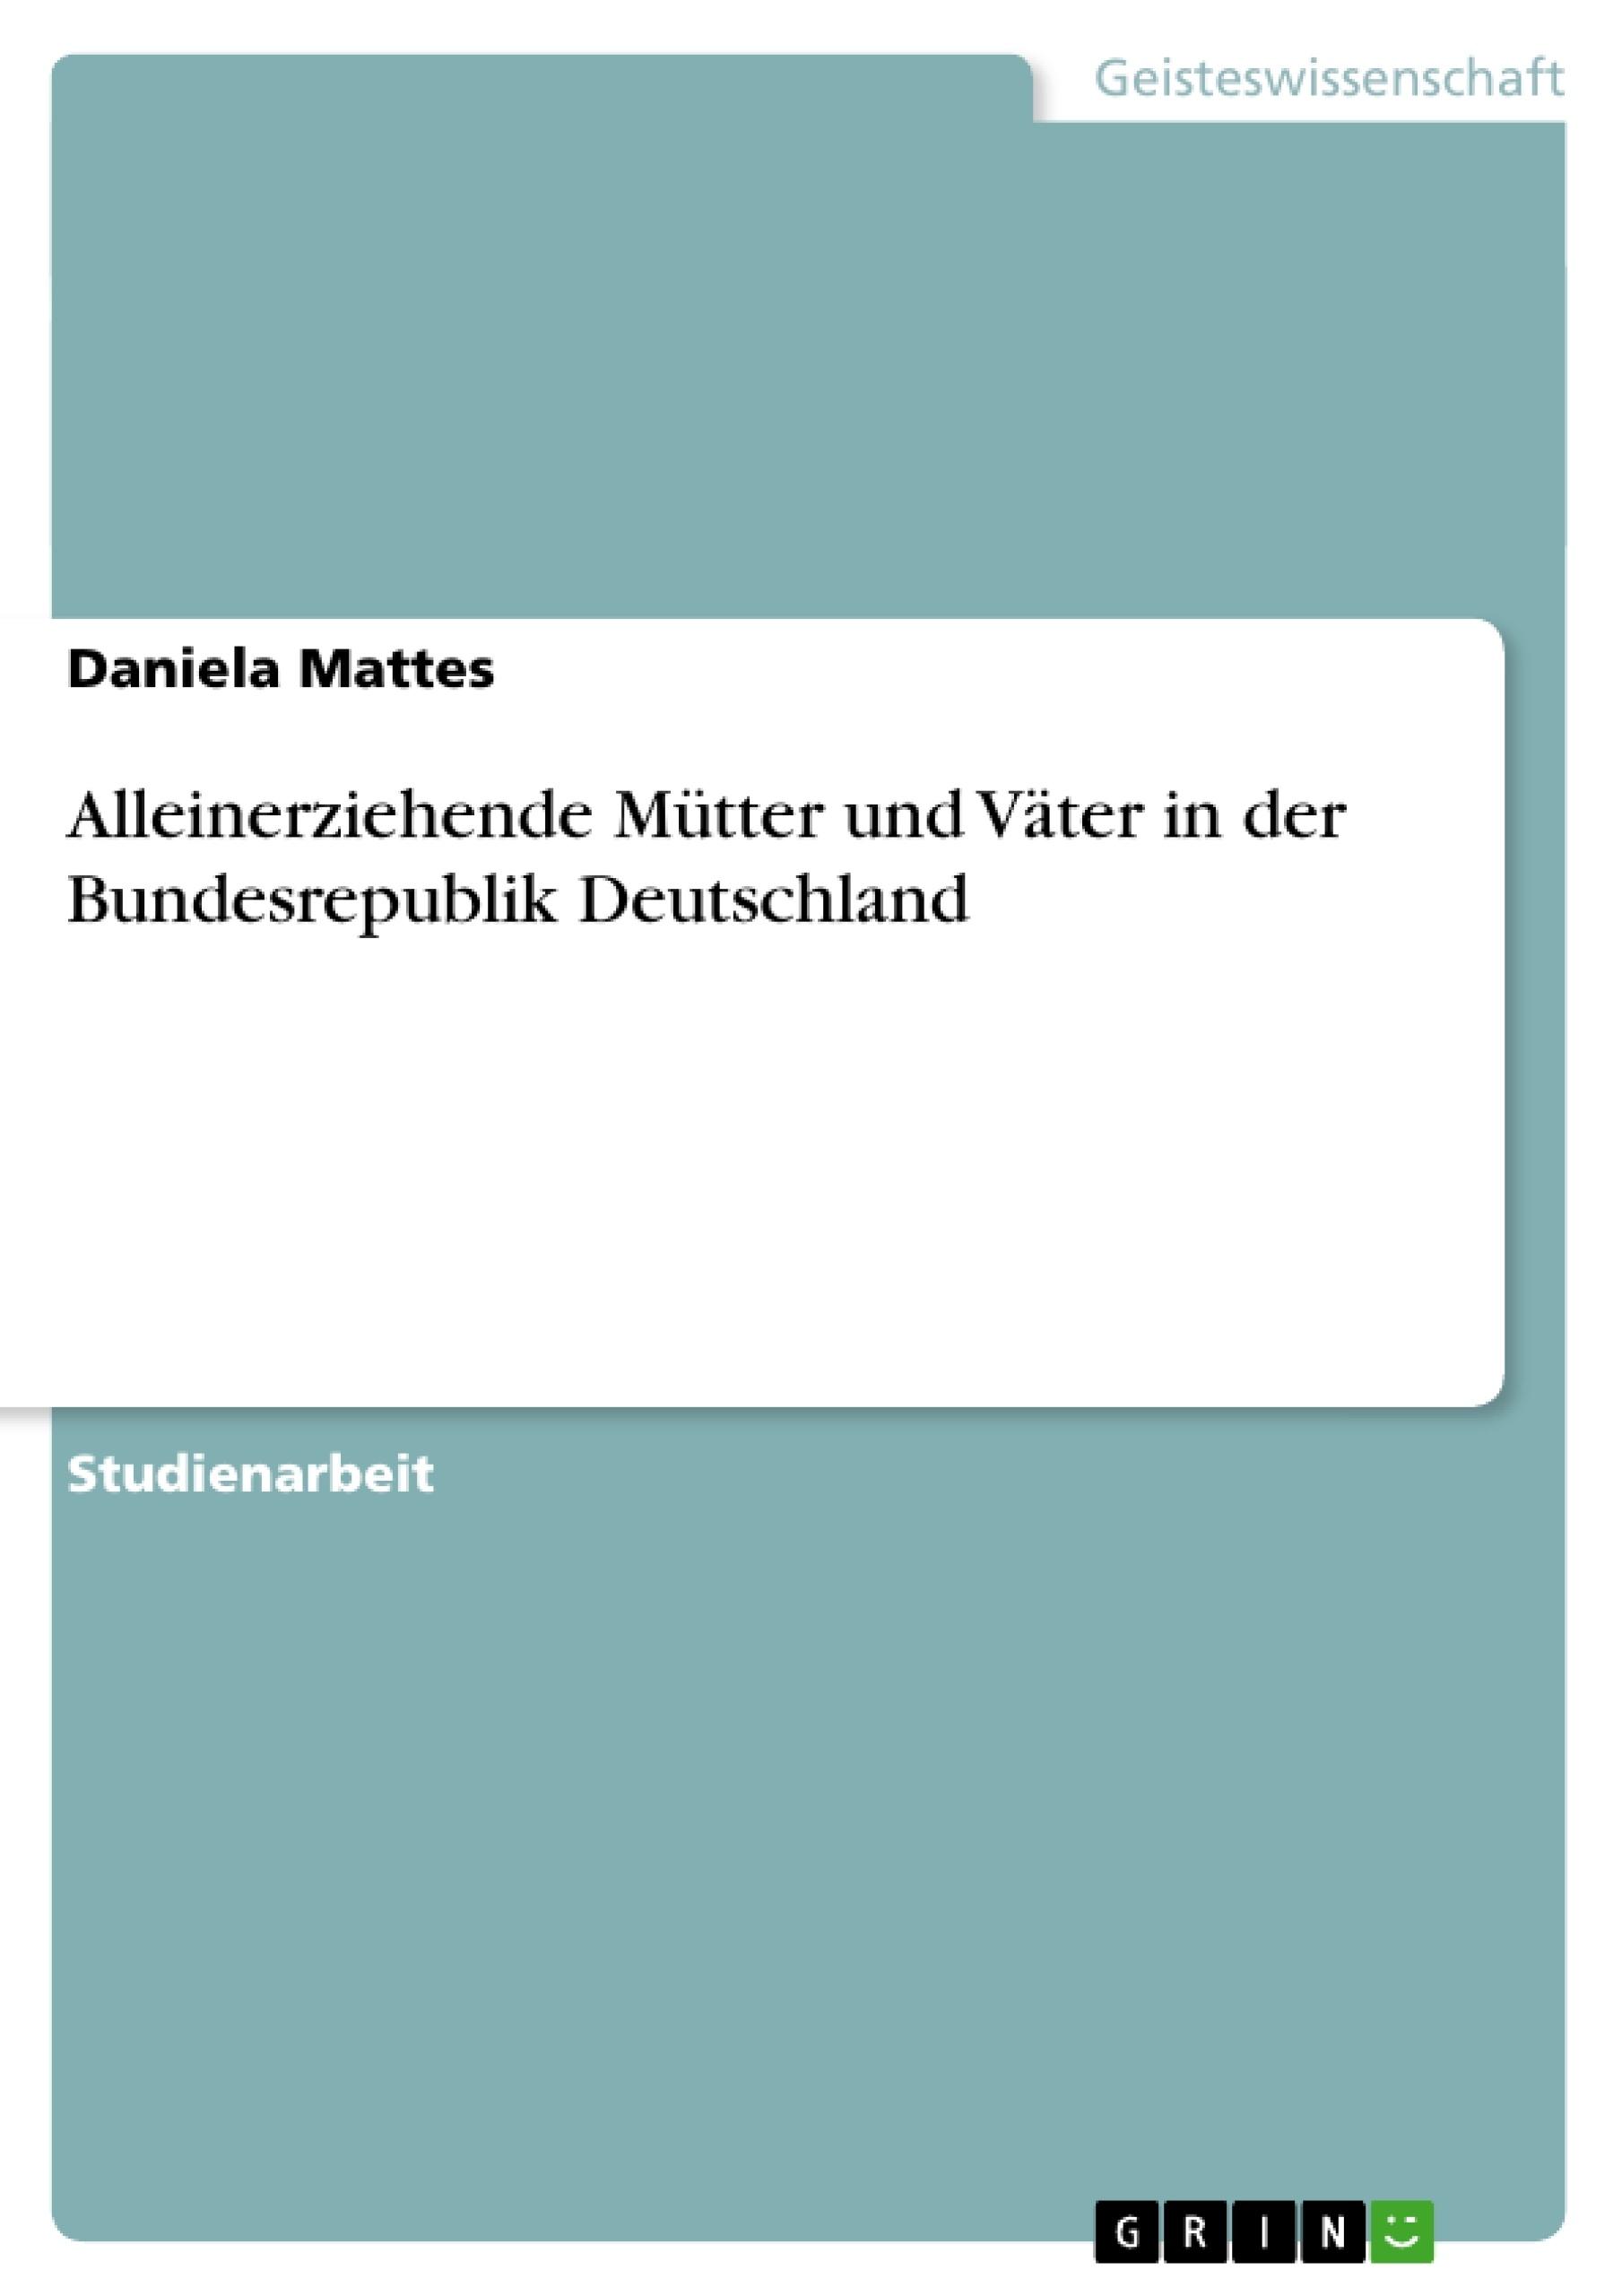 Titel: Alleinerziehende Mütter und Väter in der Bundesrepublik Deutschland